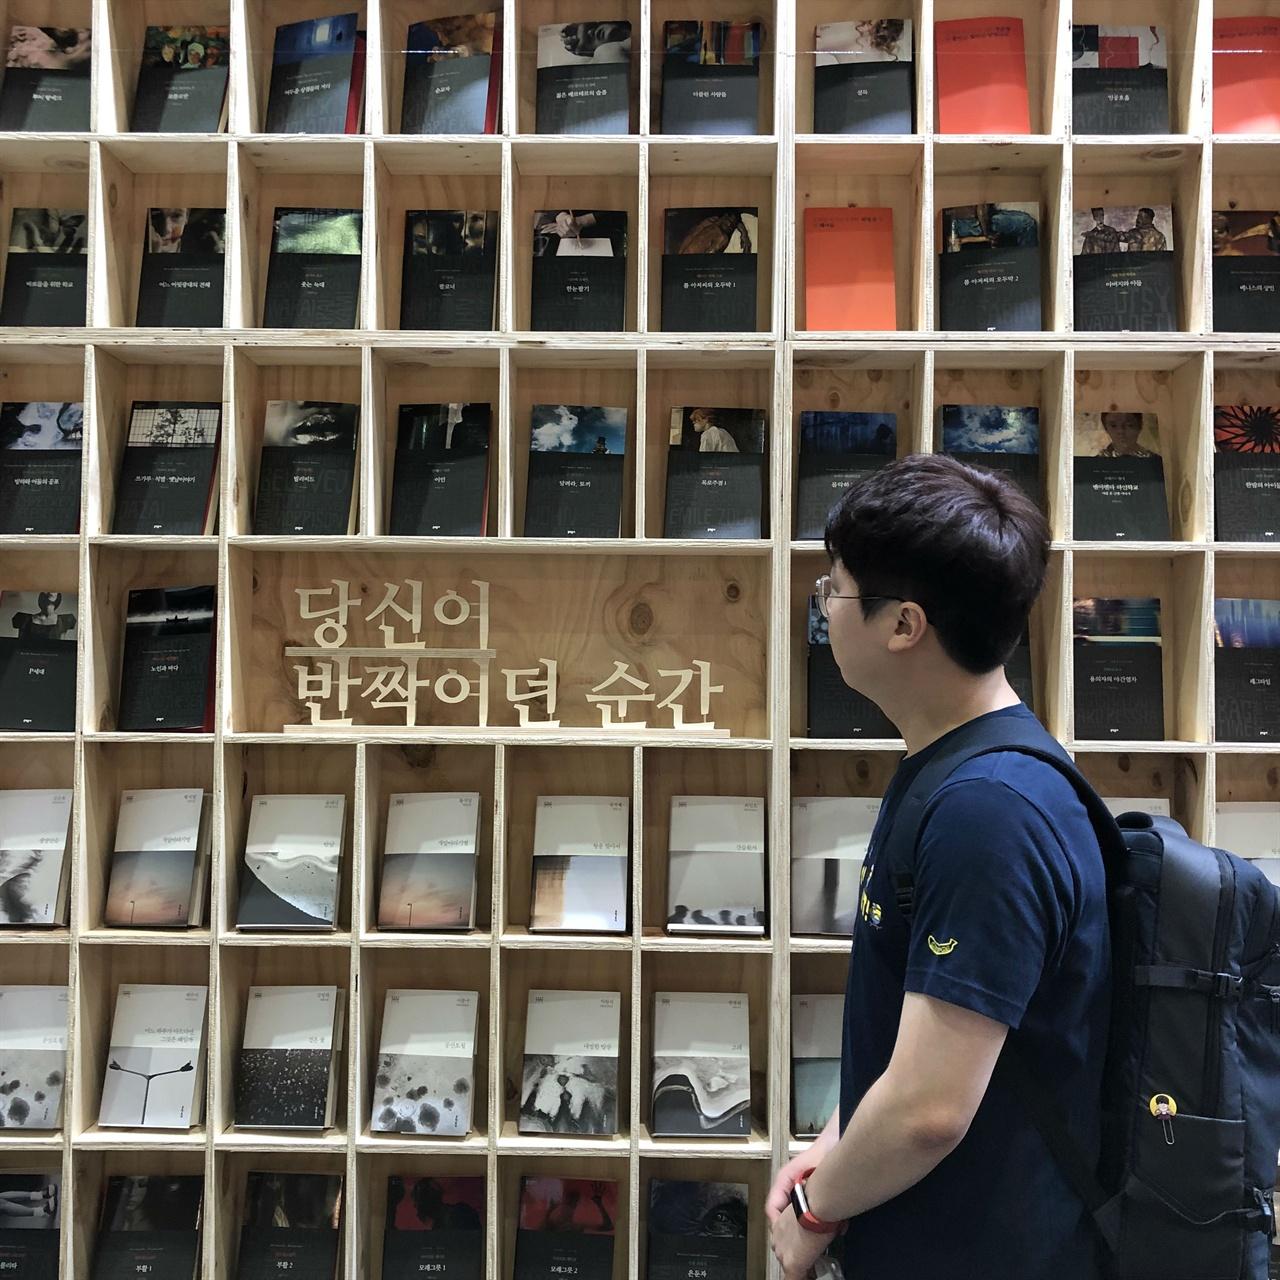 국제도서전 문학동네 부스 앞에서 최원석 대리가 포즈를 취하고 있다.